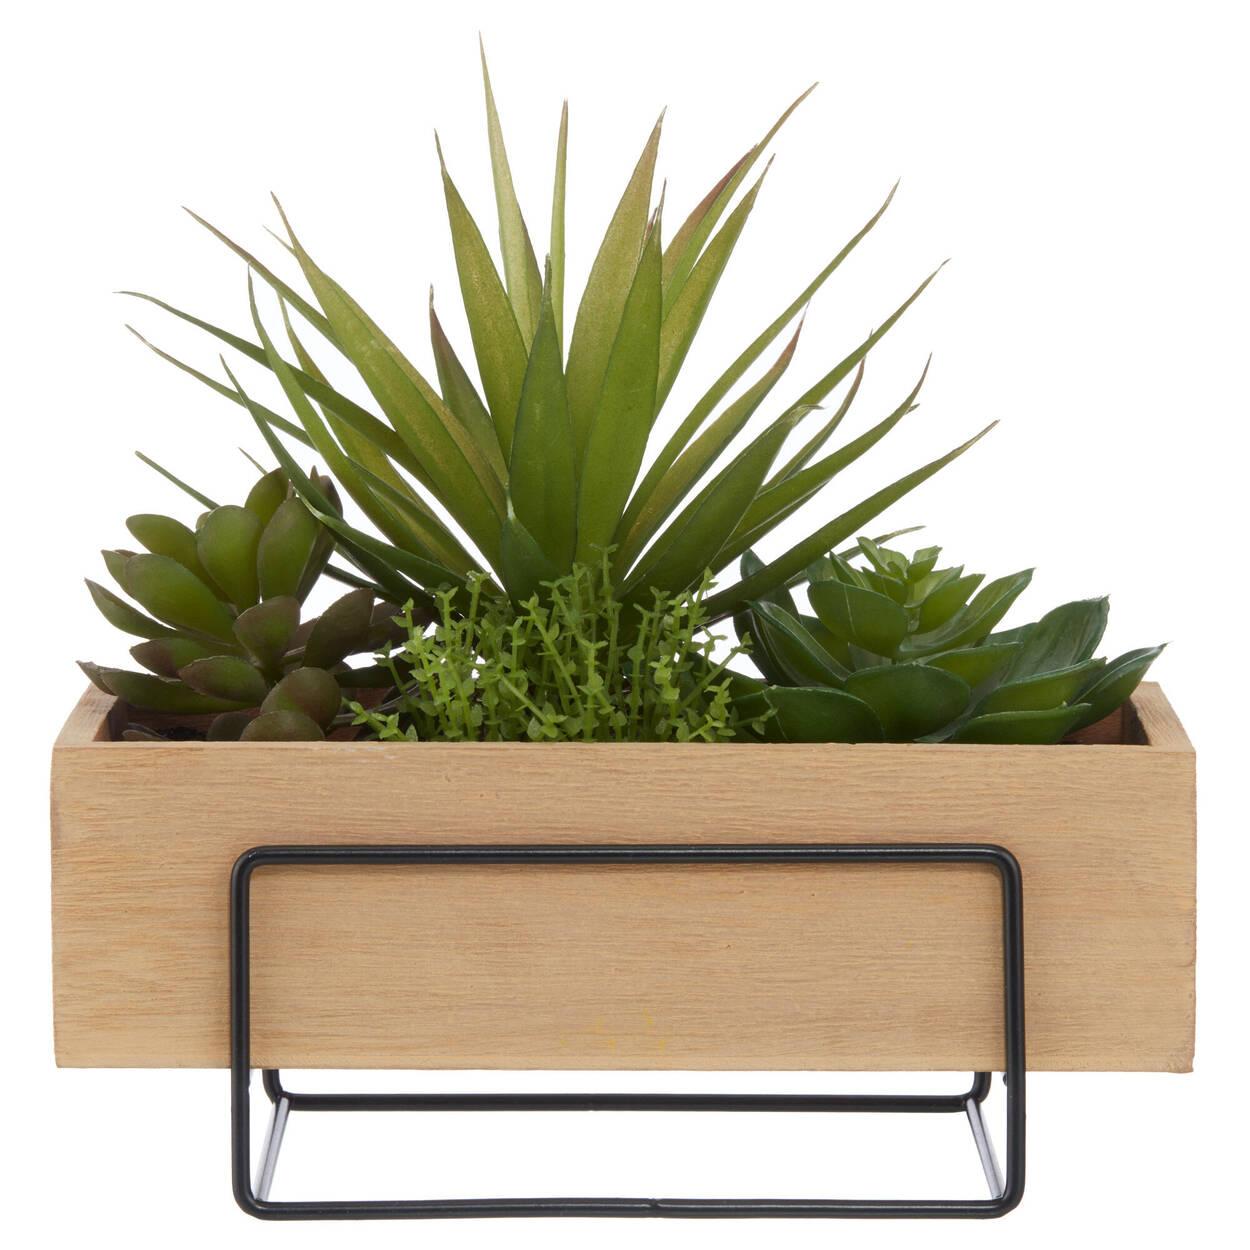 Plantes variées en pot rectangulaire en bois naturel